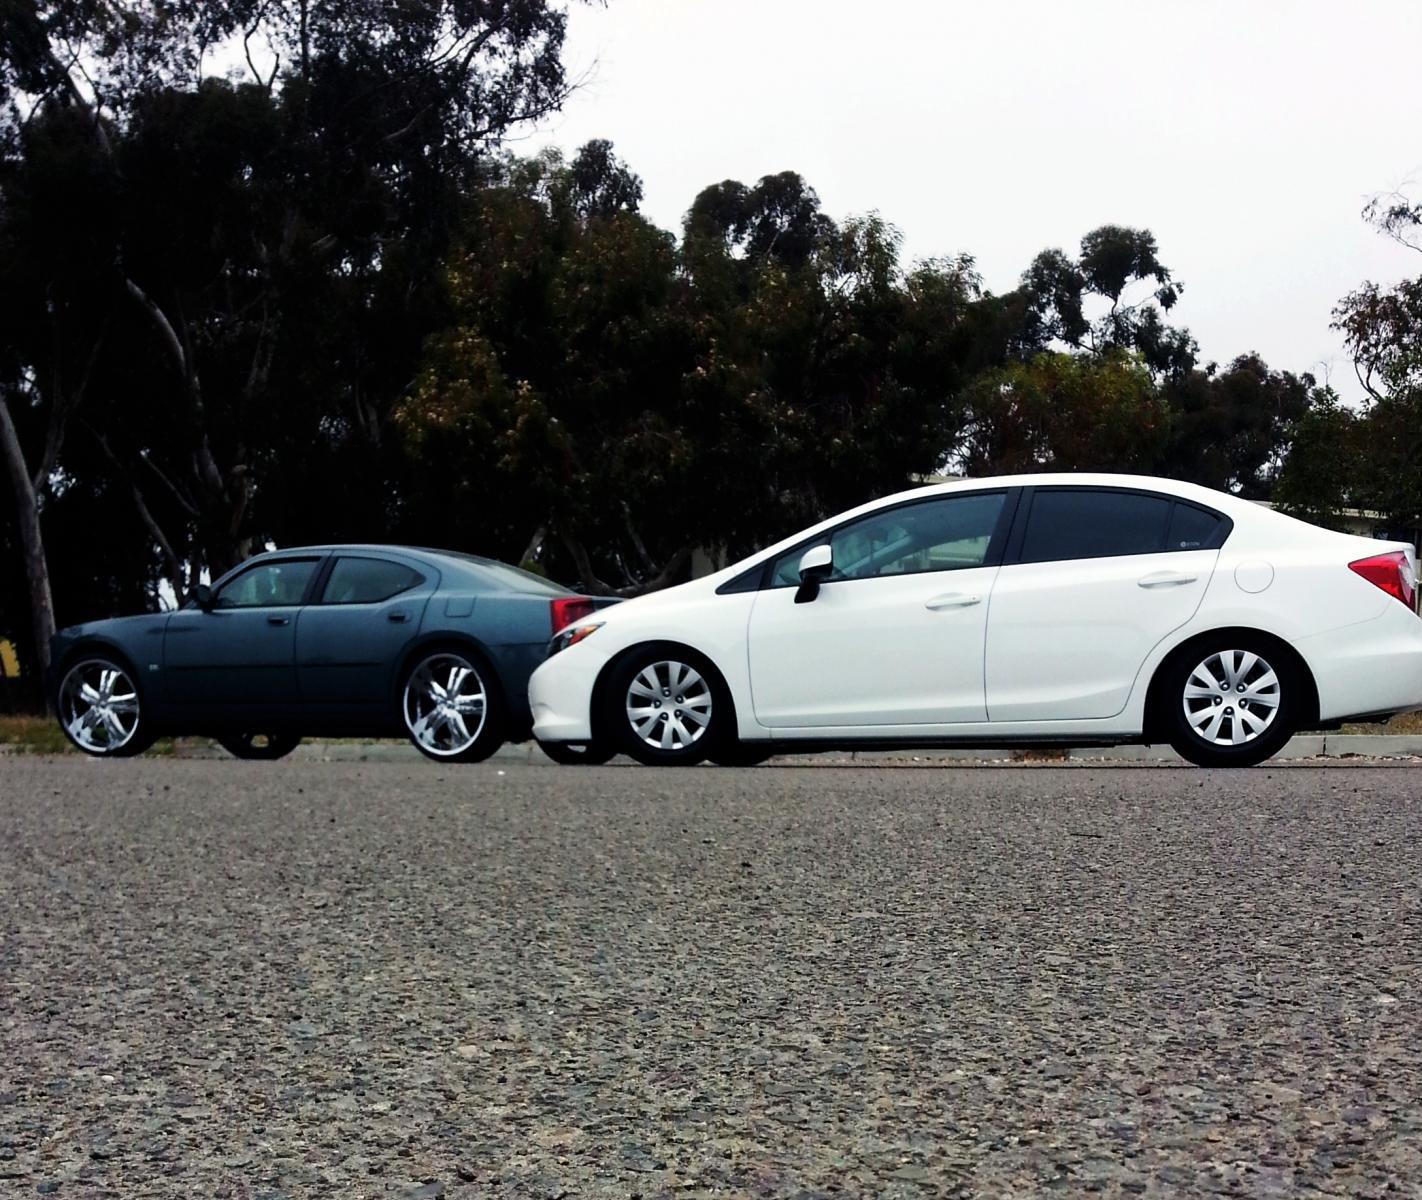 Any San Diego Car Meet ? 619 & 858-img_20130413_115550.jpg